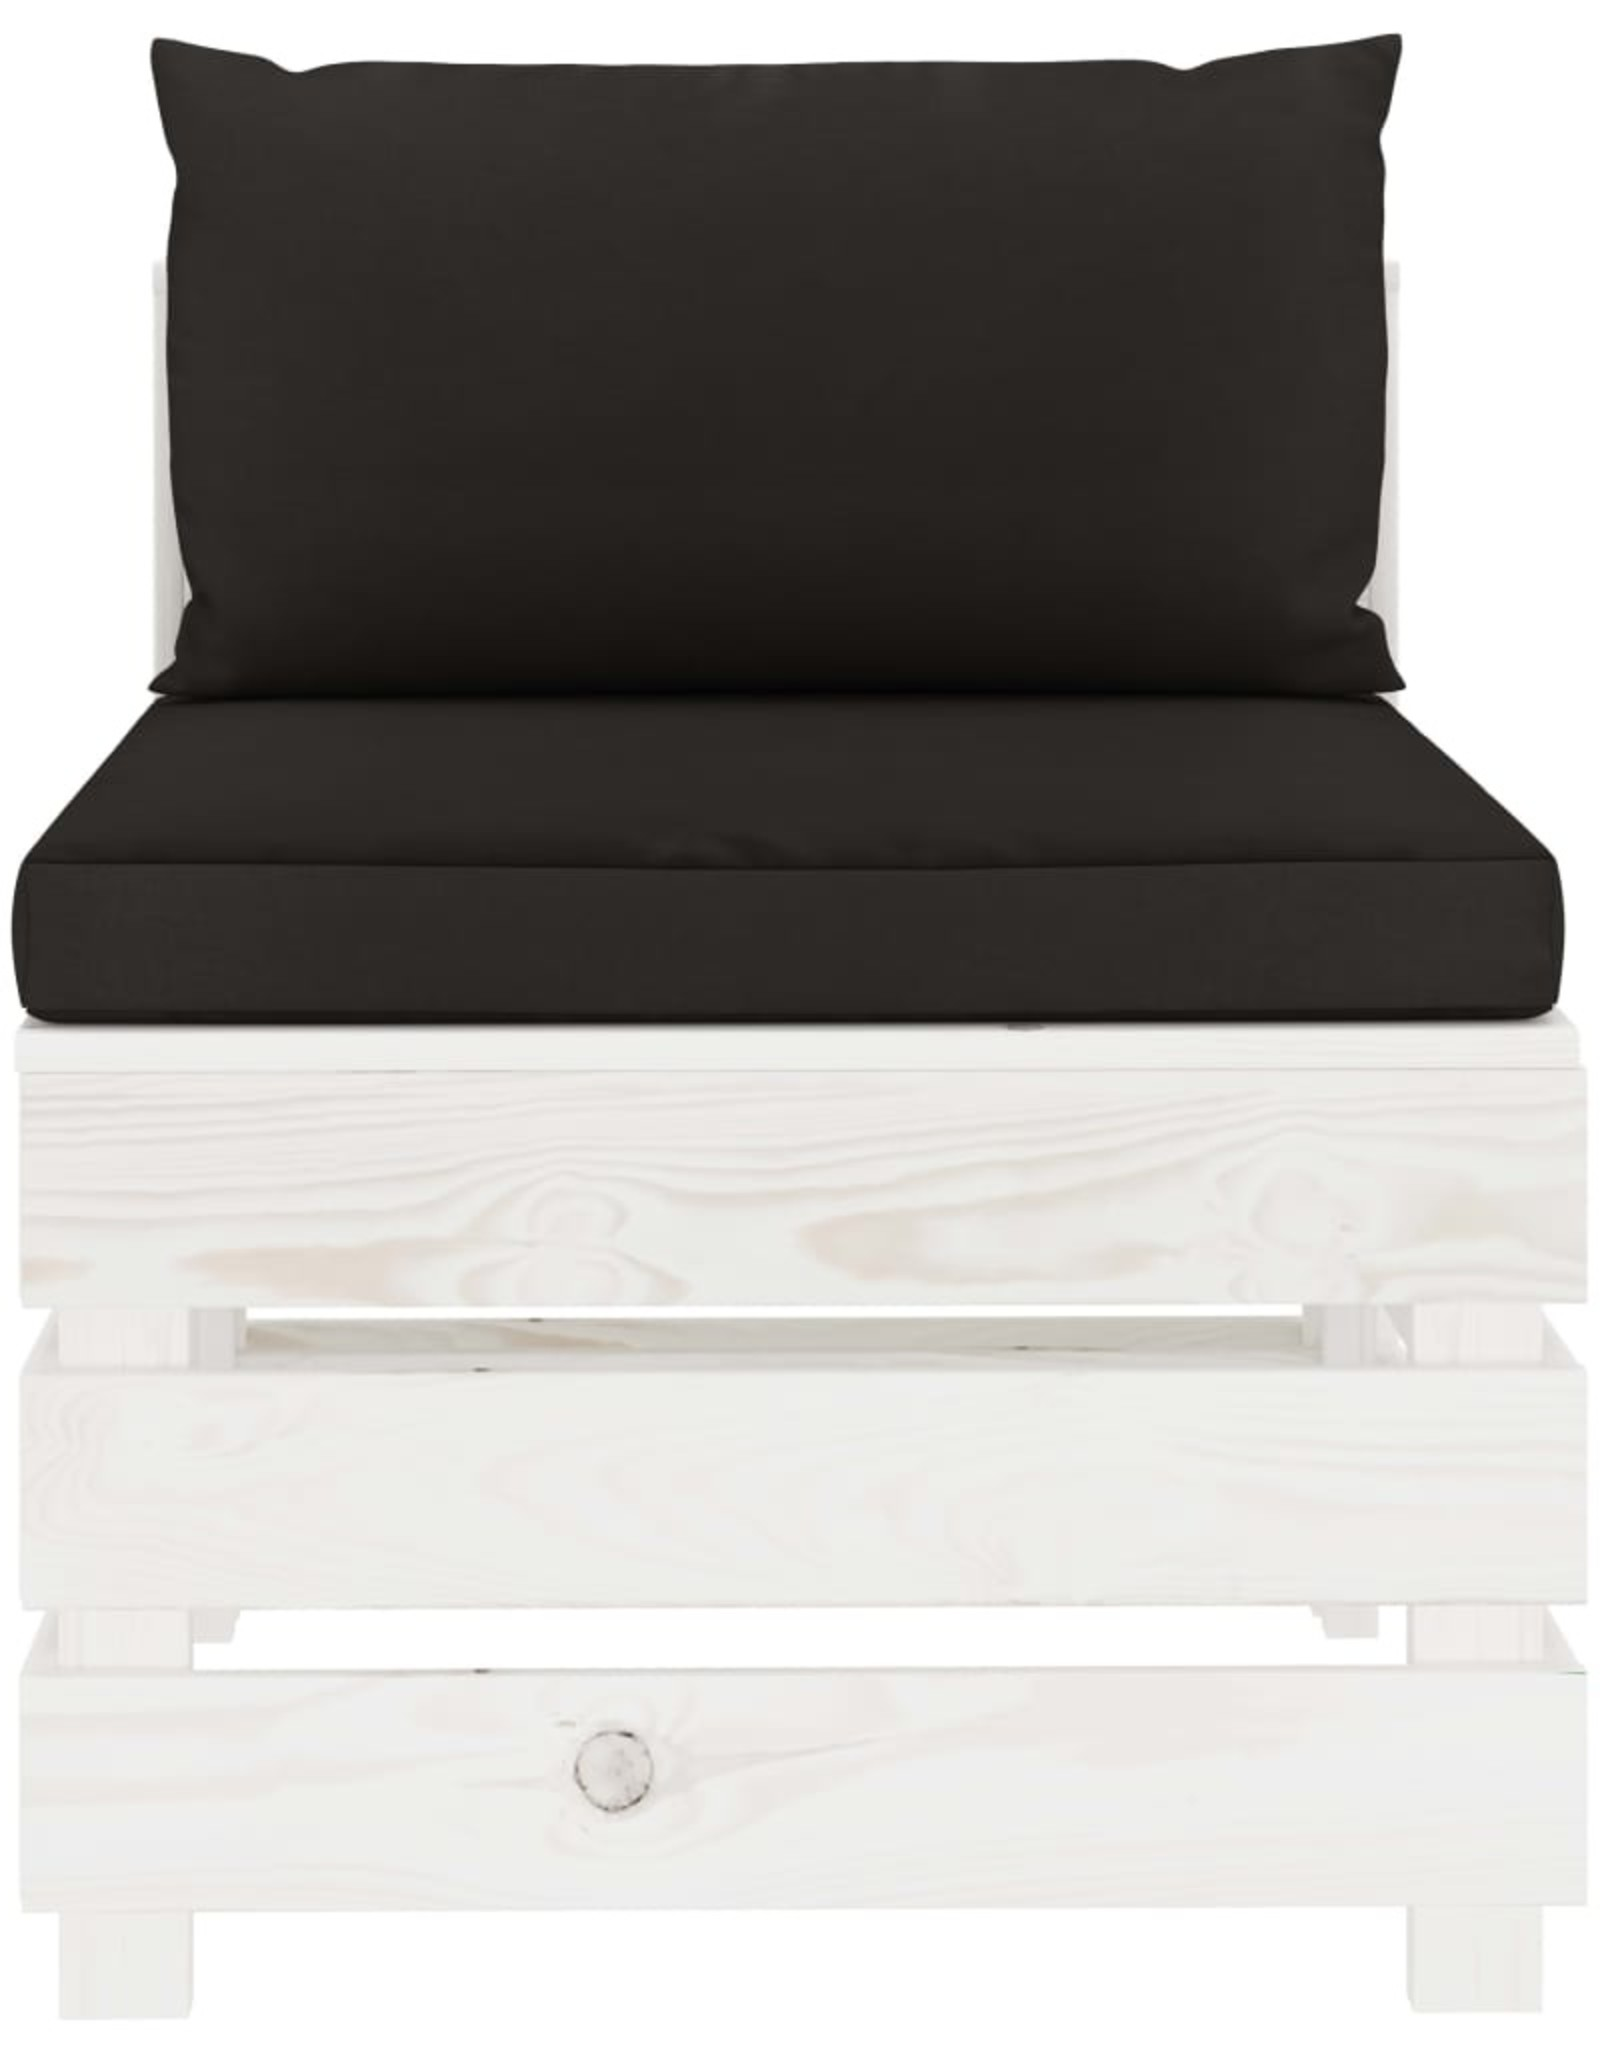 5-delige Loungeset met zwarte kussens pallet hout